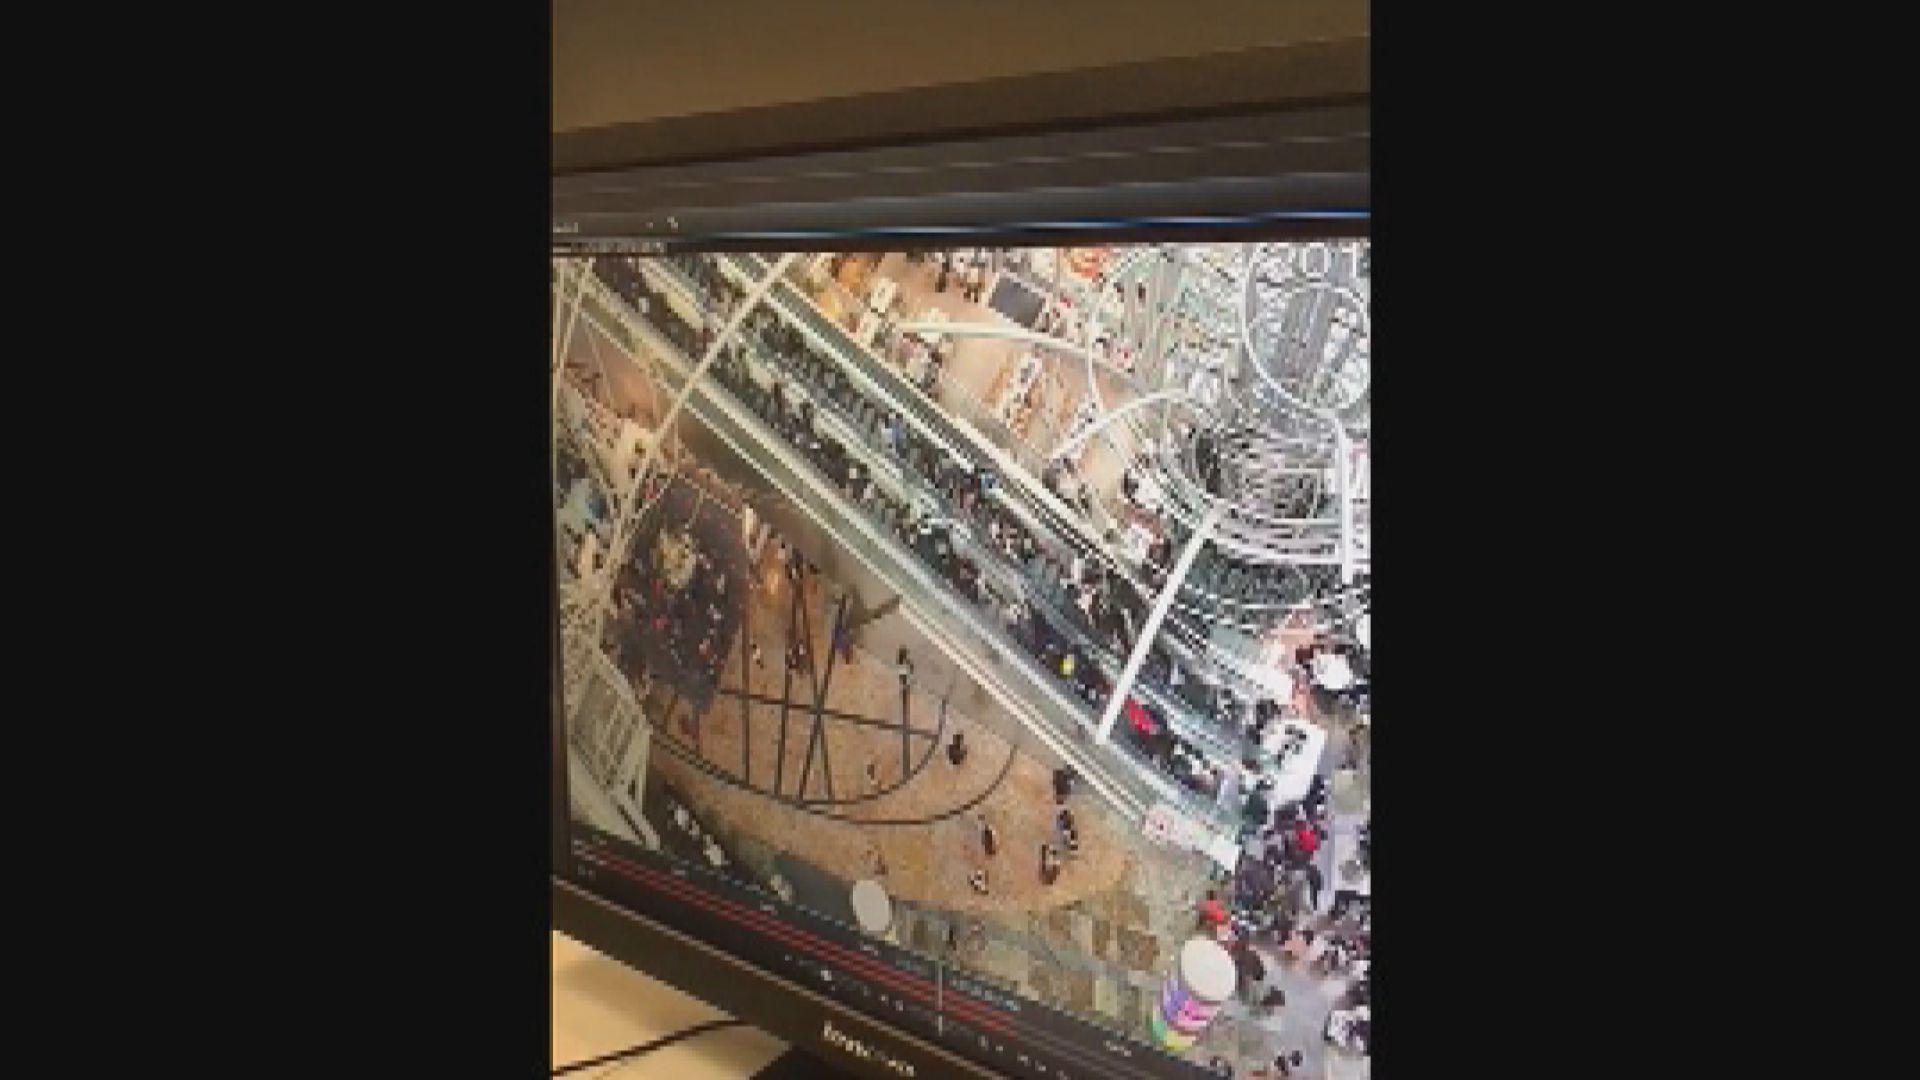 朗豪坊扶手電梯事故 工程師判緩刑及罰款